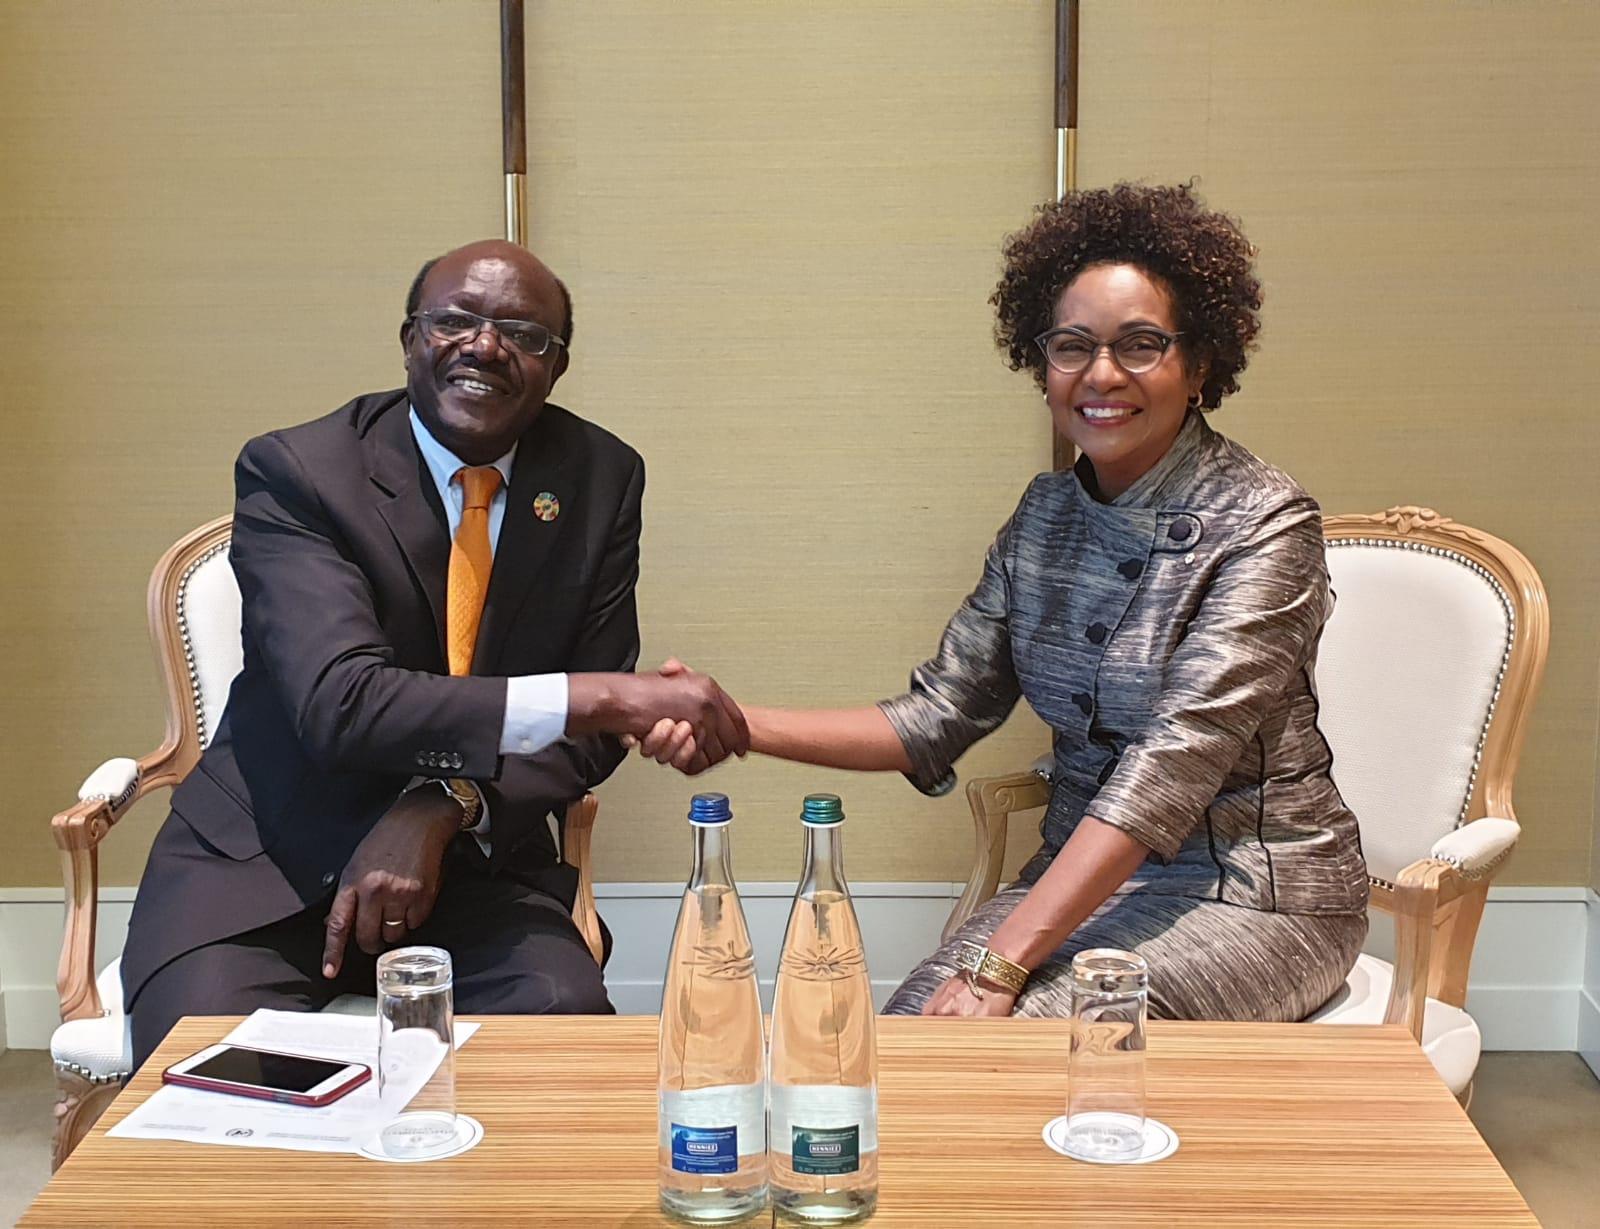 Accueil chaleureux du Secrétaire Général de la CNUCED, Son Excellence Monsieur Mukhisa Kituyi.